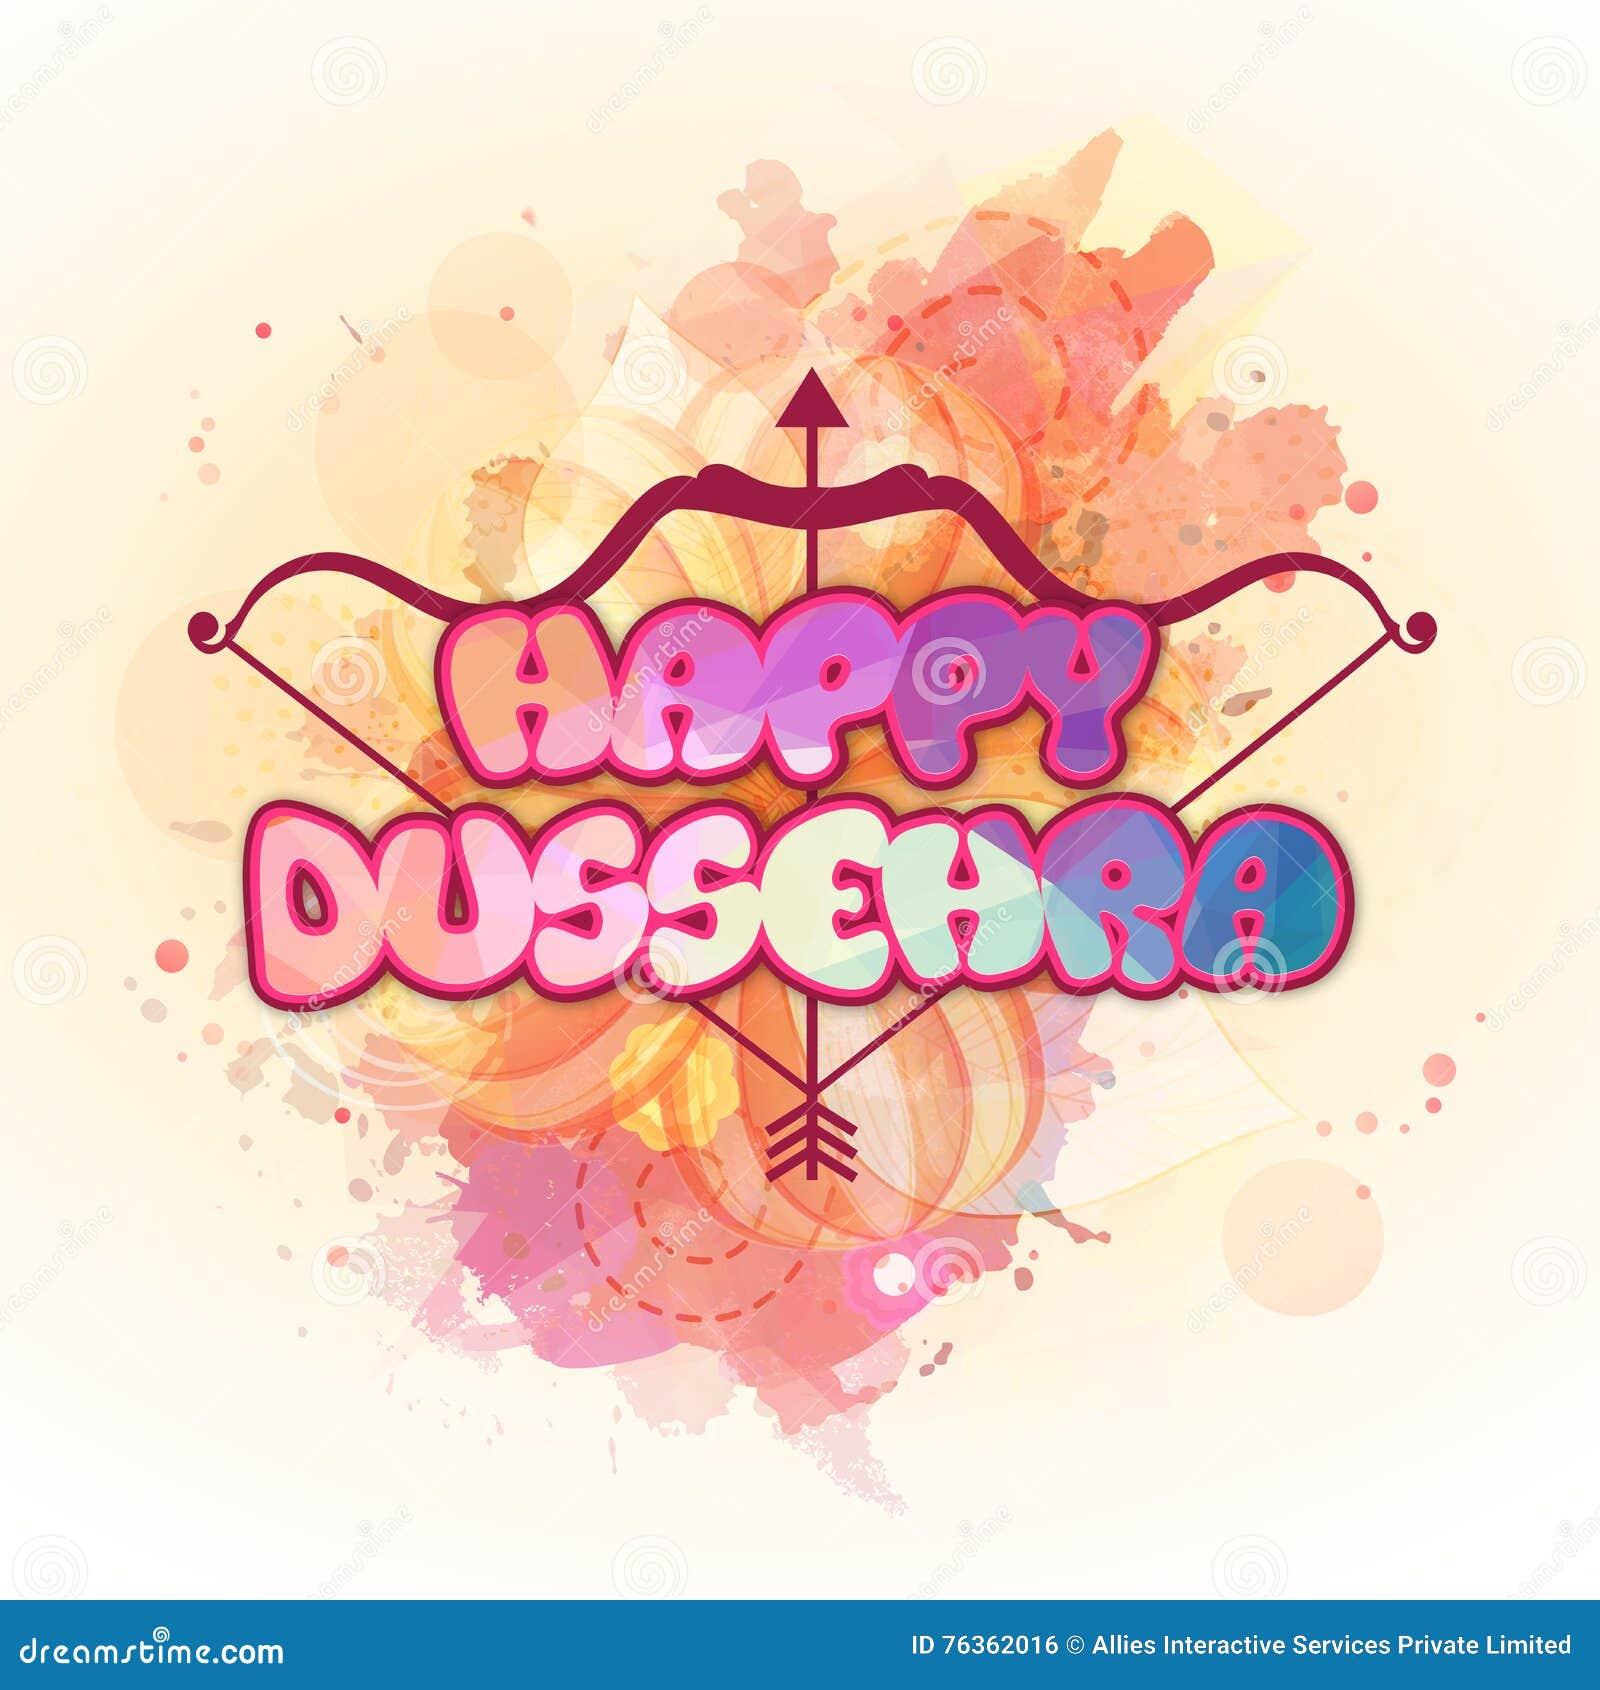 Poster, Banner Or Flyer For Happy Dussehra. RoyaltyFree Illustration  CartoonDealer.com 76361865